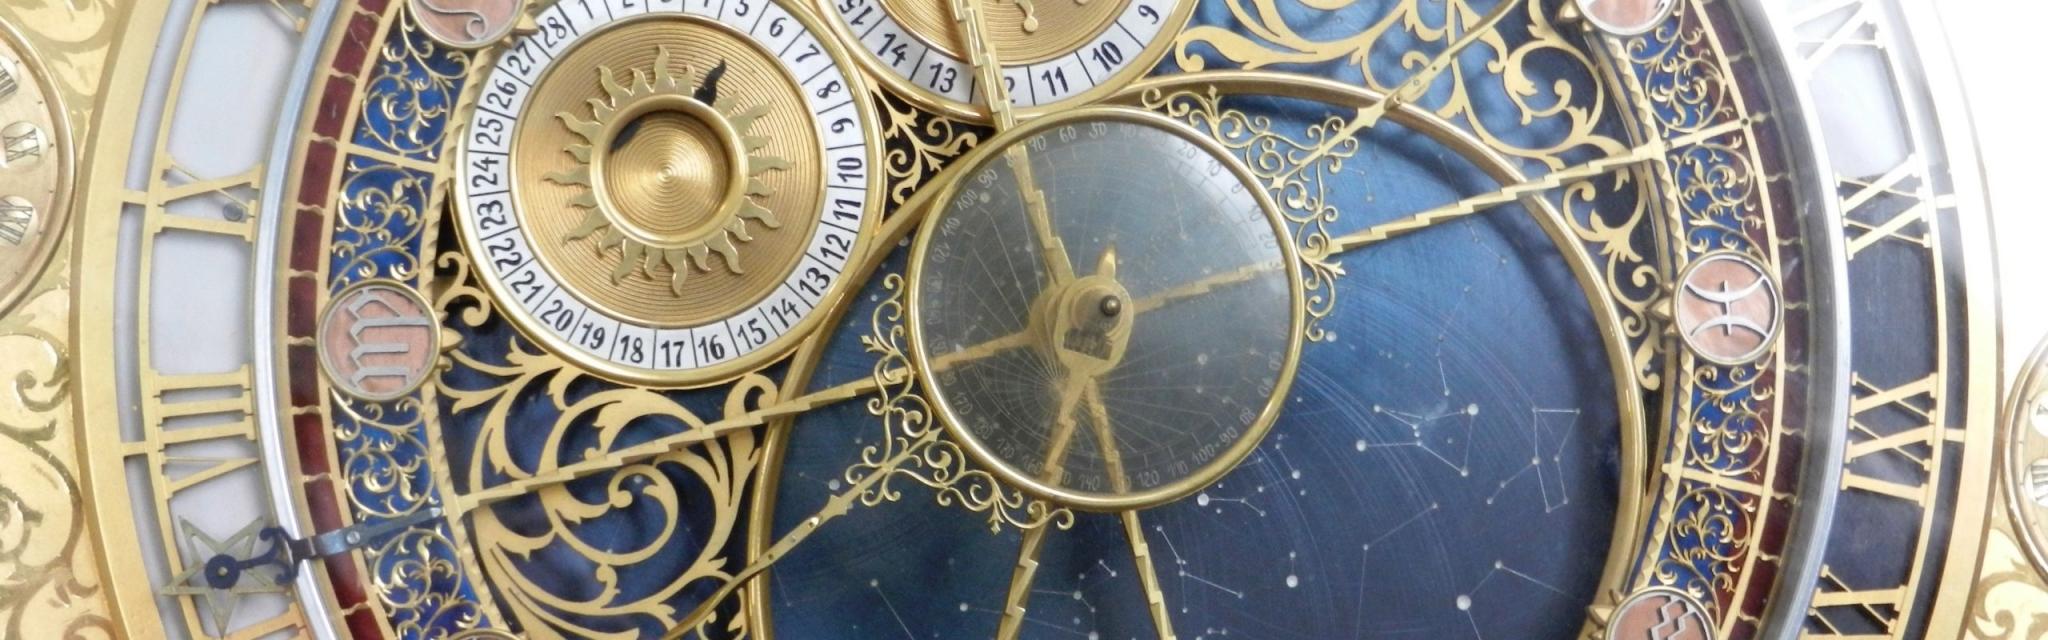 clock-2050857